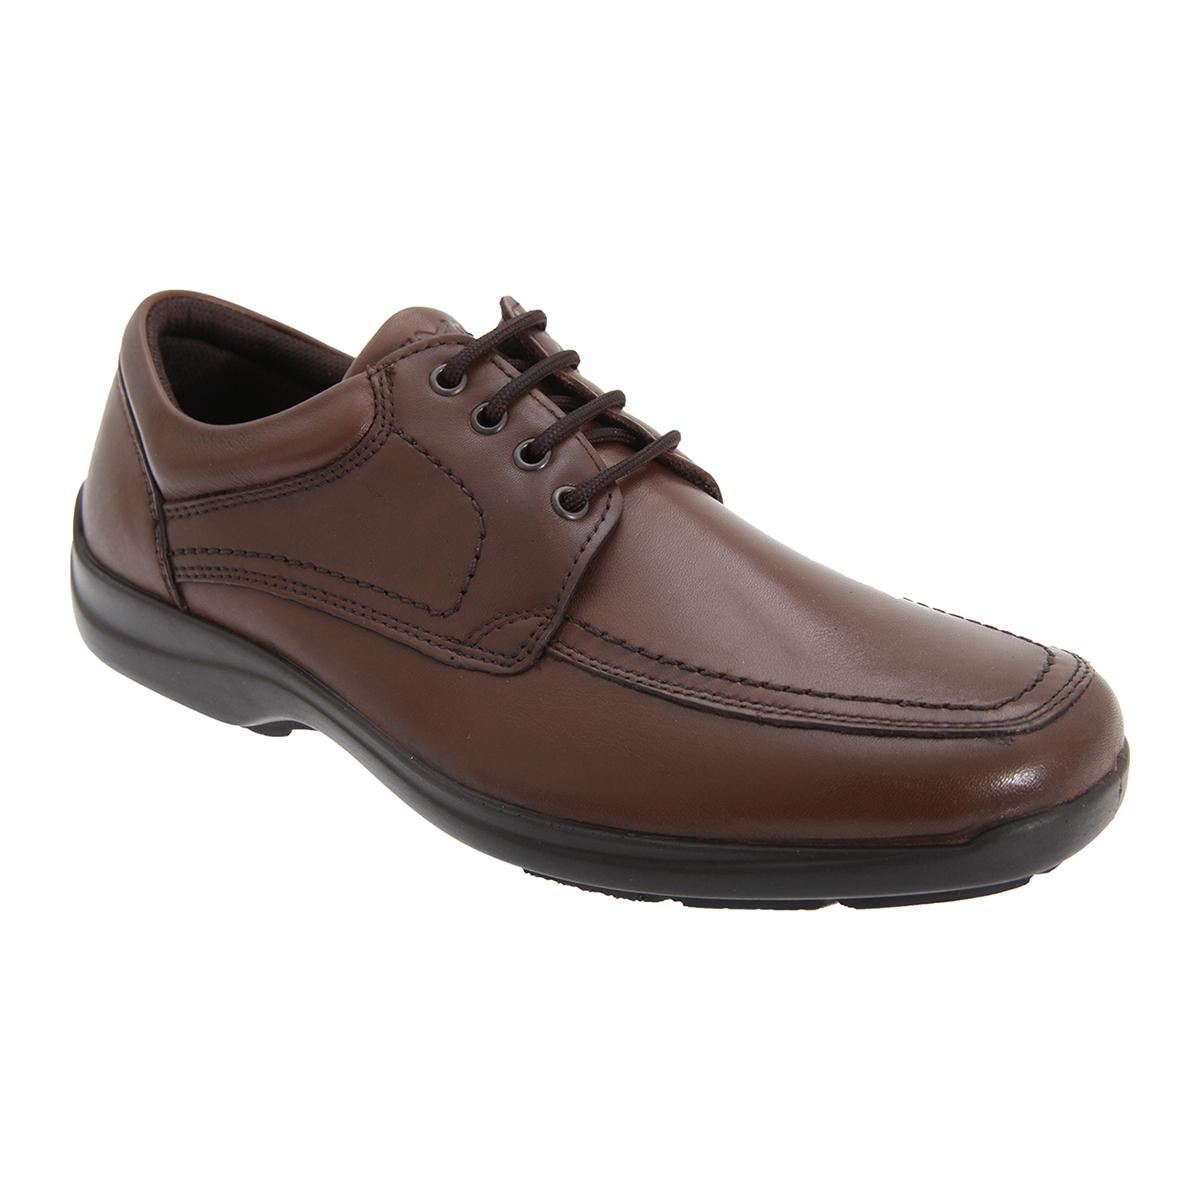 IMAC IMAC IMAC - Chaussures de ville - Homme (DF612) f2060a